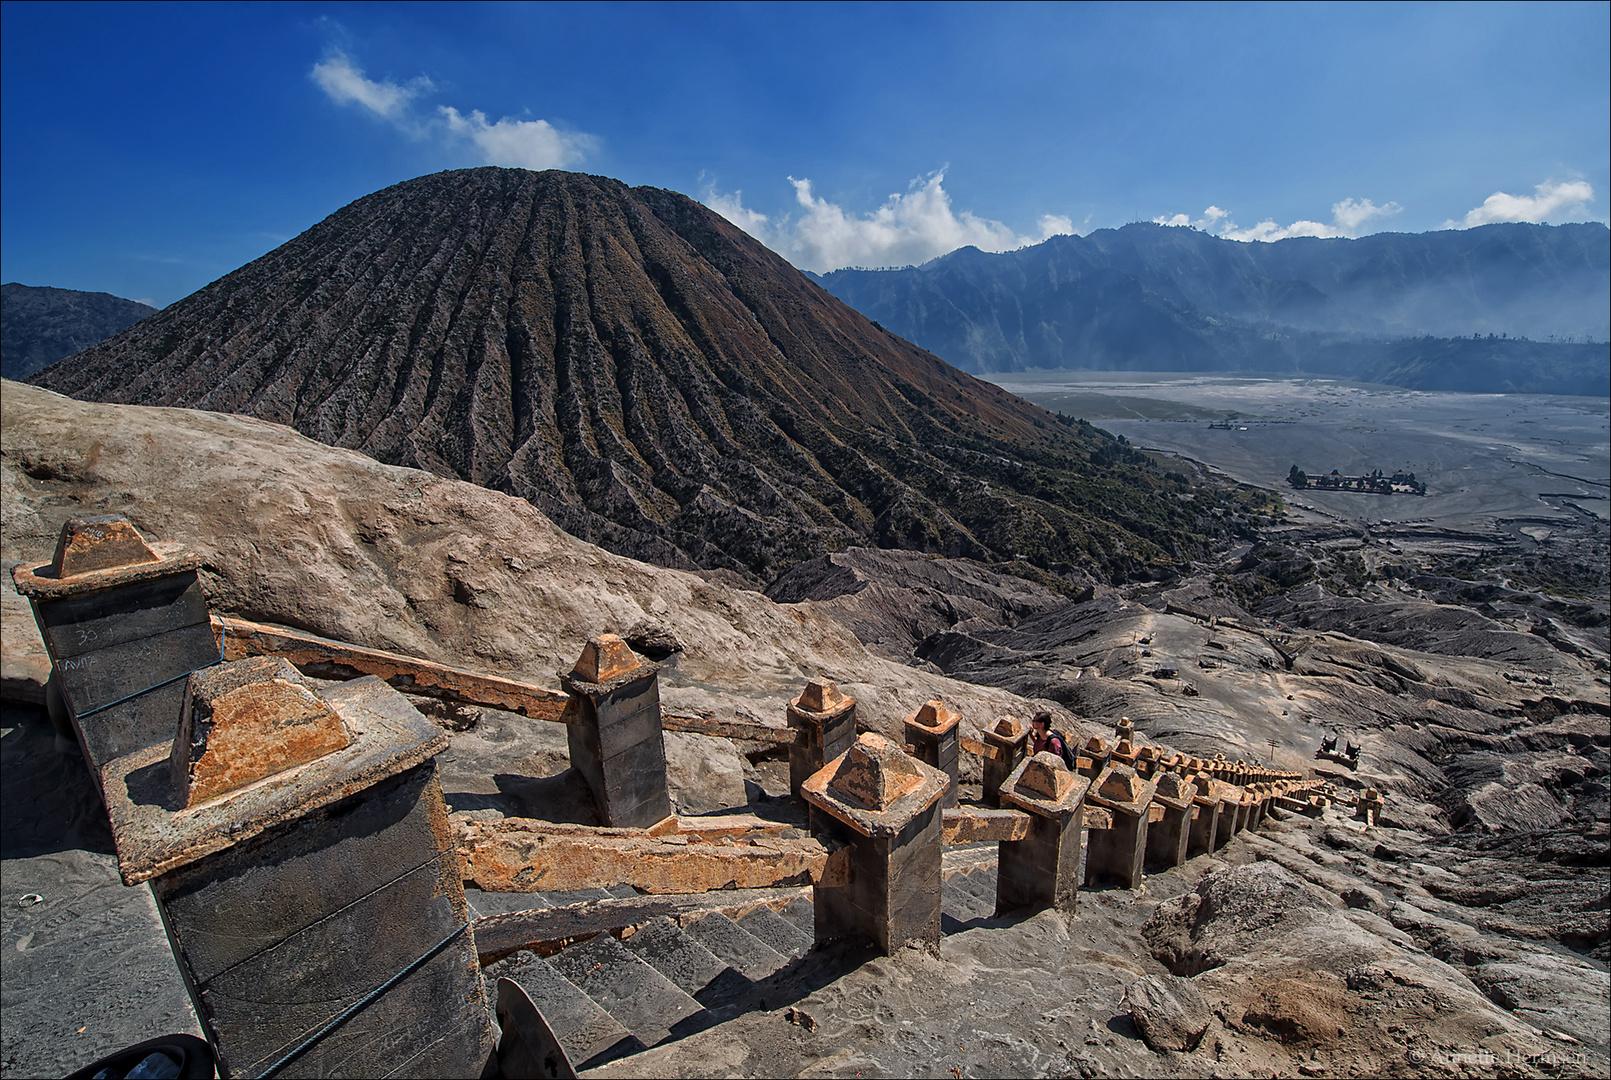 Indonesien [32] - Der Blick zurück